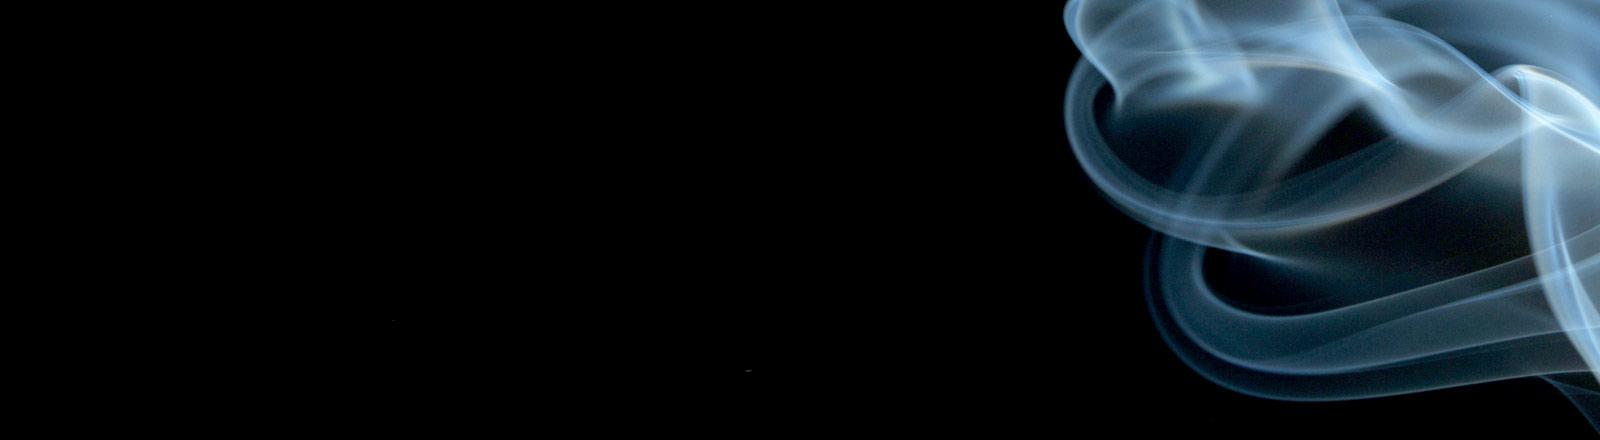 Zigarettenrauch vor schwarzem Hintergrund.